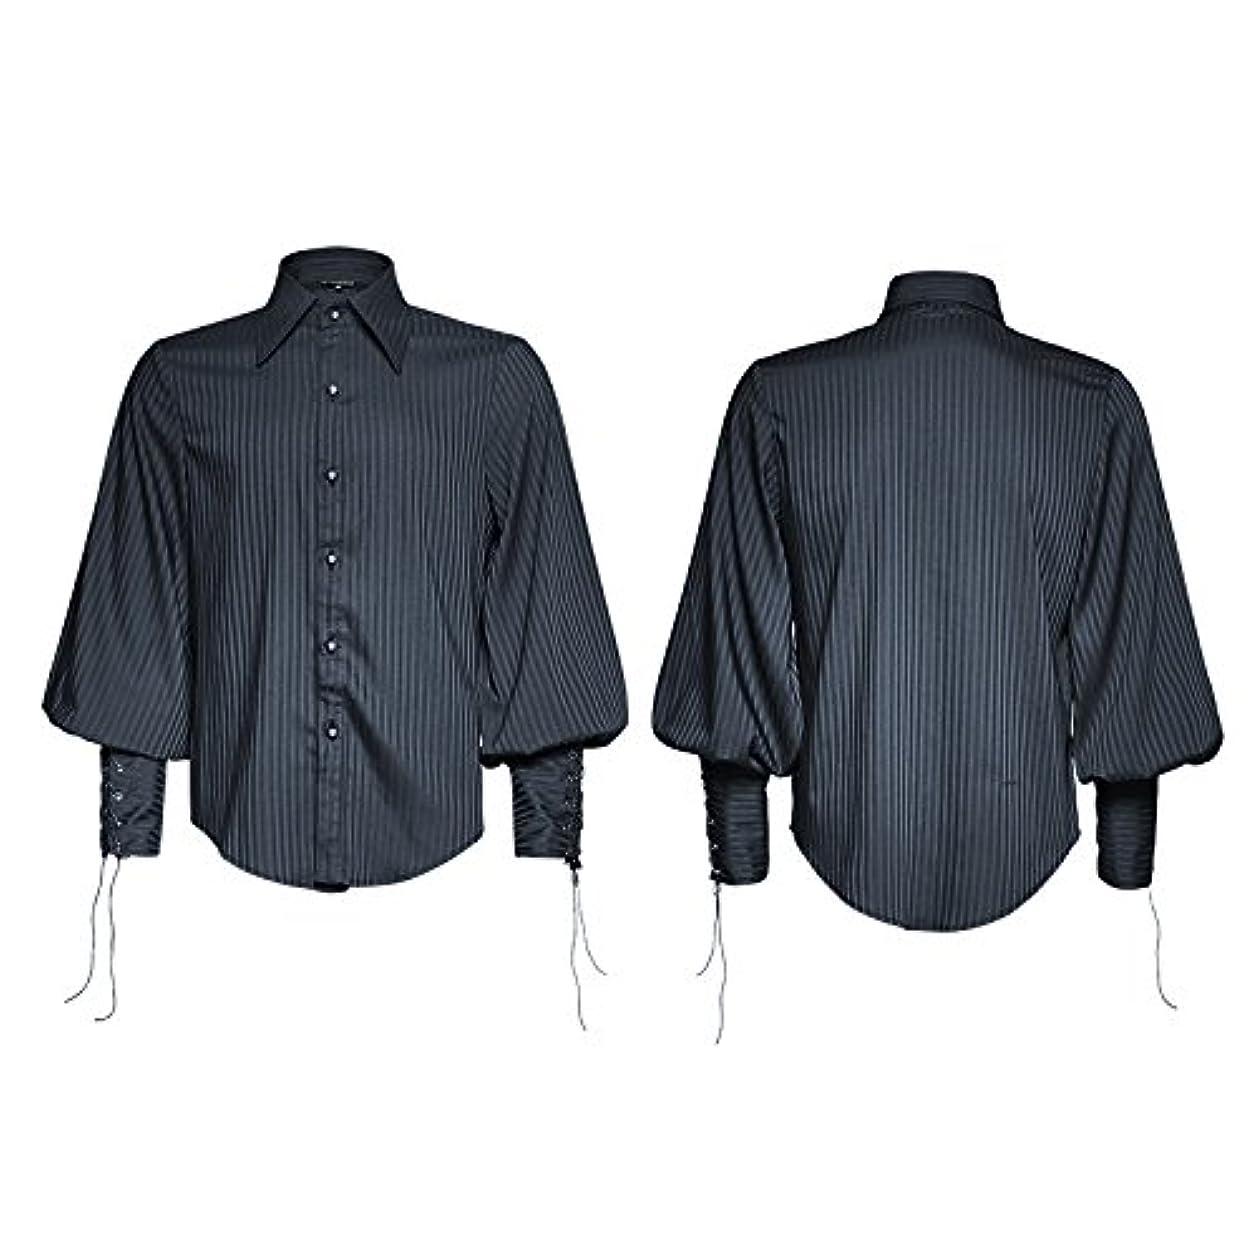 救出その間常習的メンズ 春 秋 スチームパンク ゴシック ファッション ストライプ シャツ カジュアル 黒 青 长袖 ブラウス トップス ワイシャツ (2XL, 青)